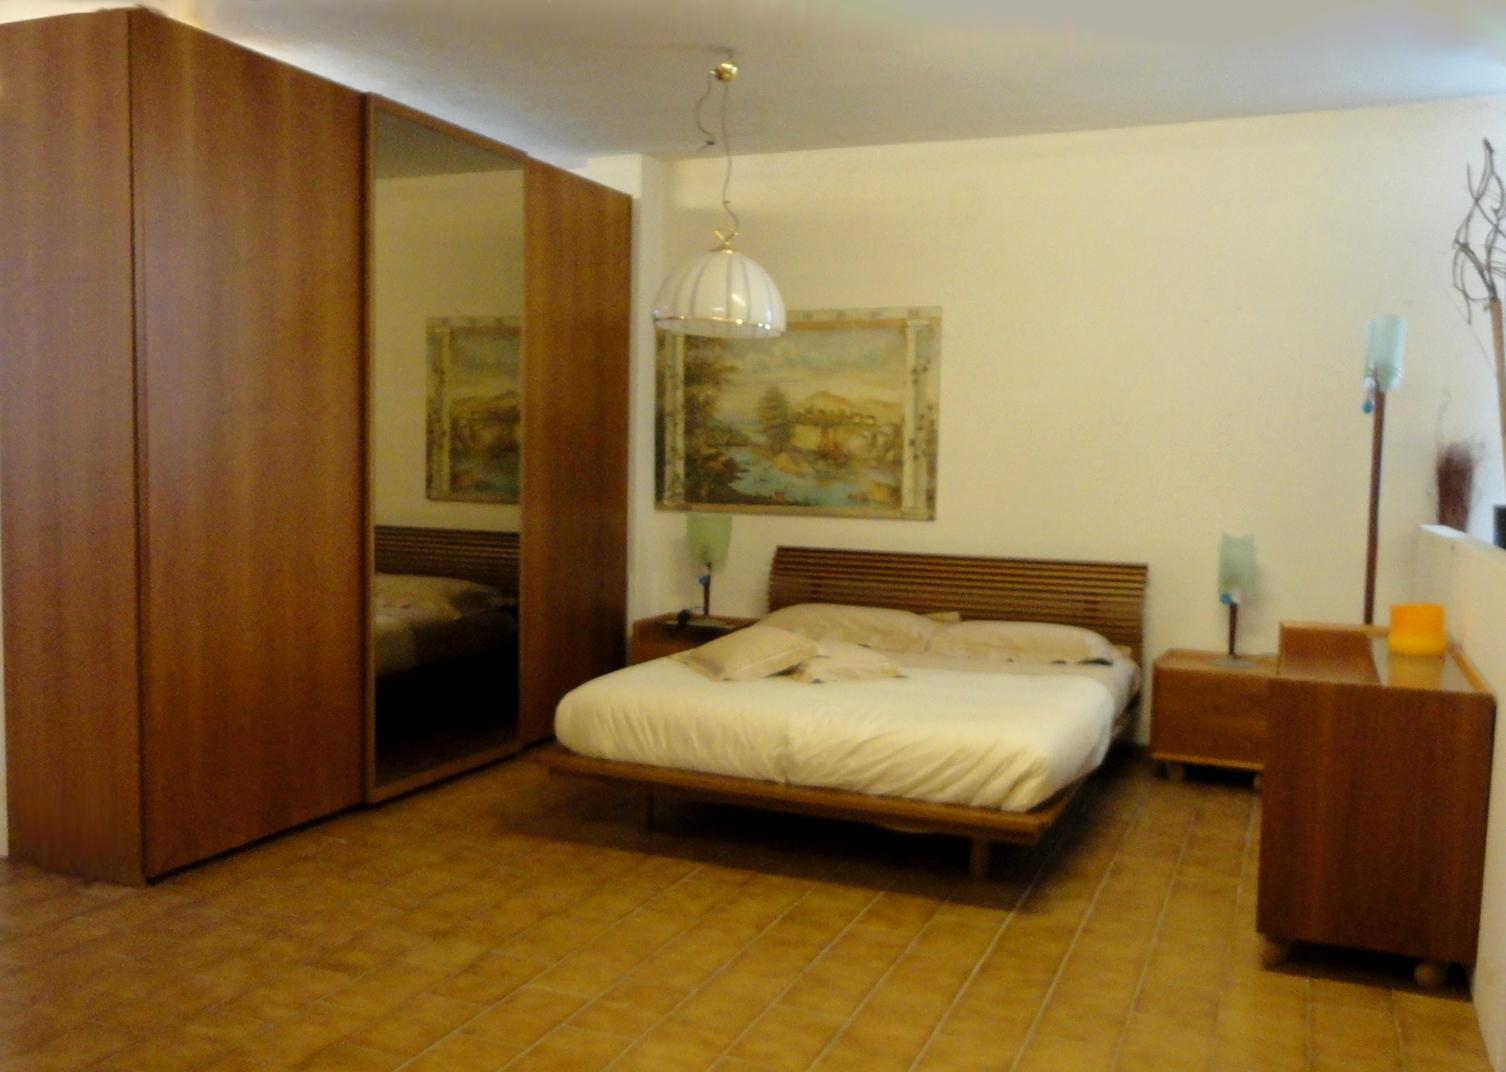 Camera matrimoniale moderna in legno completa scontata 60 for Camera matrimoniale in legno